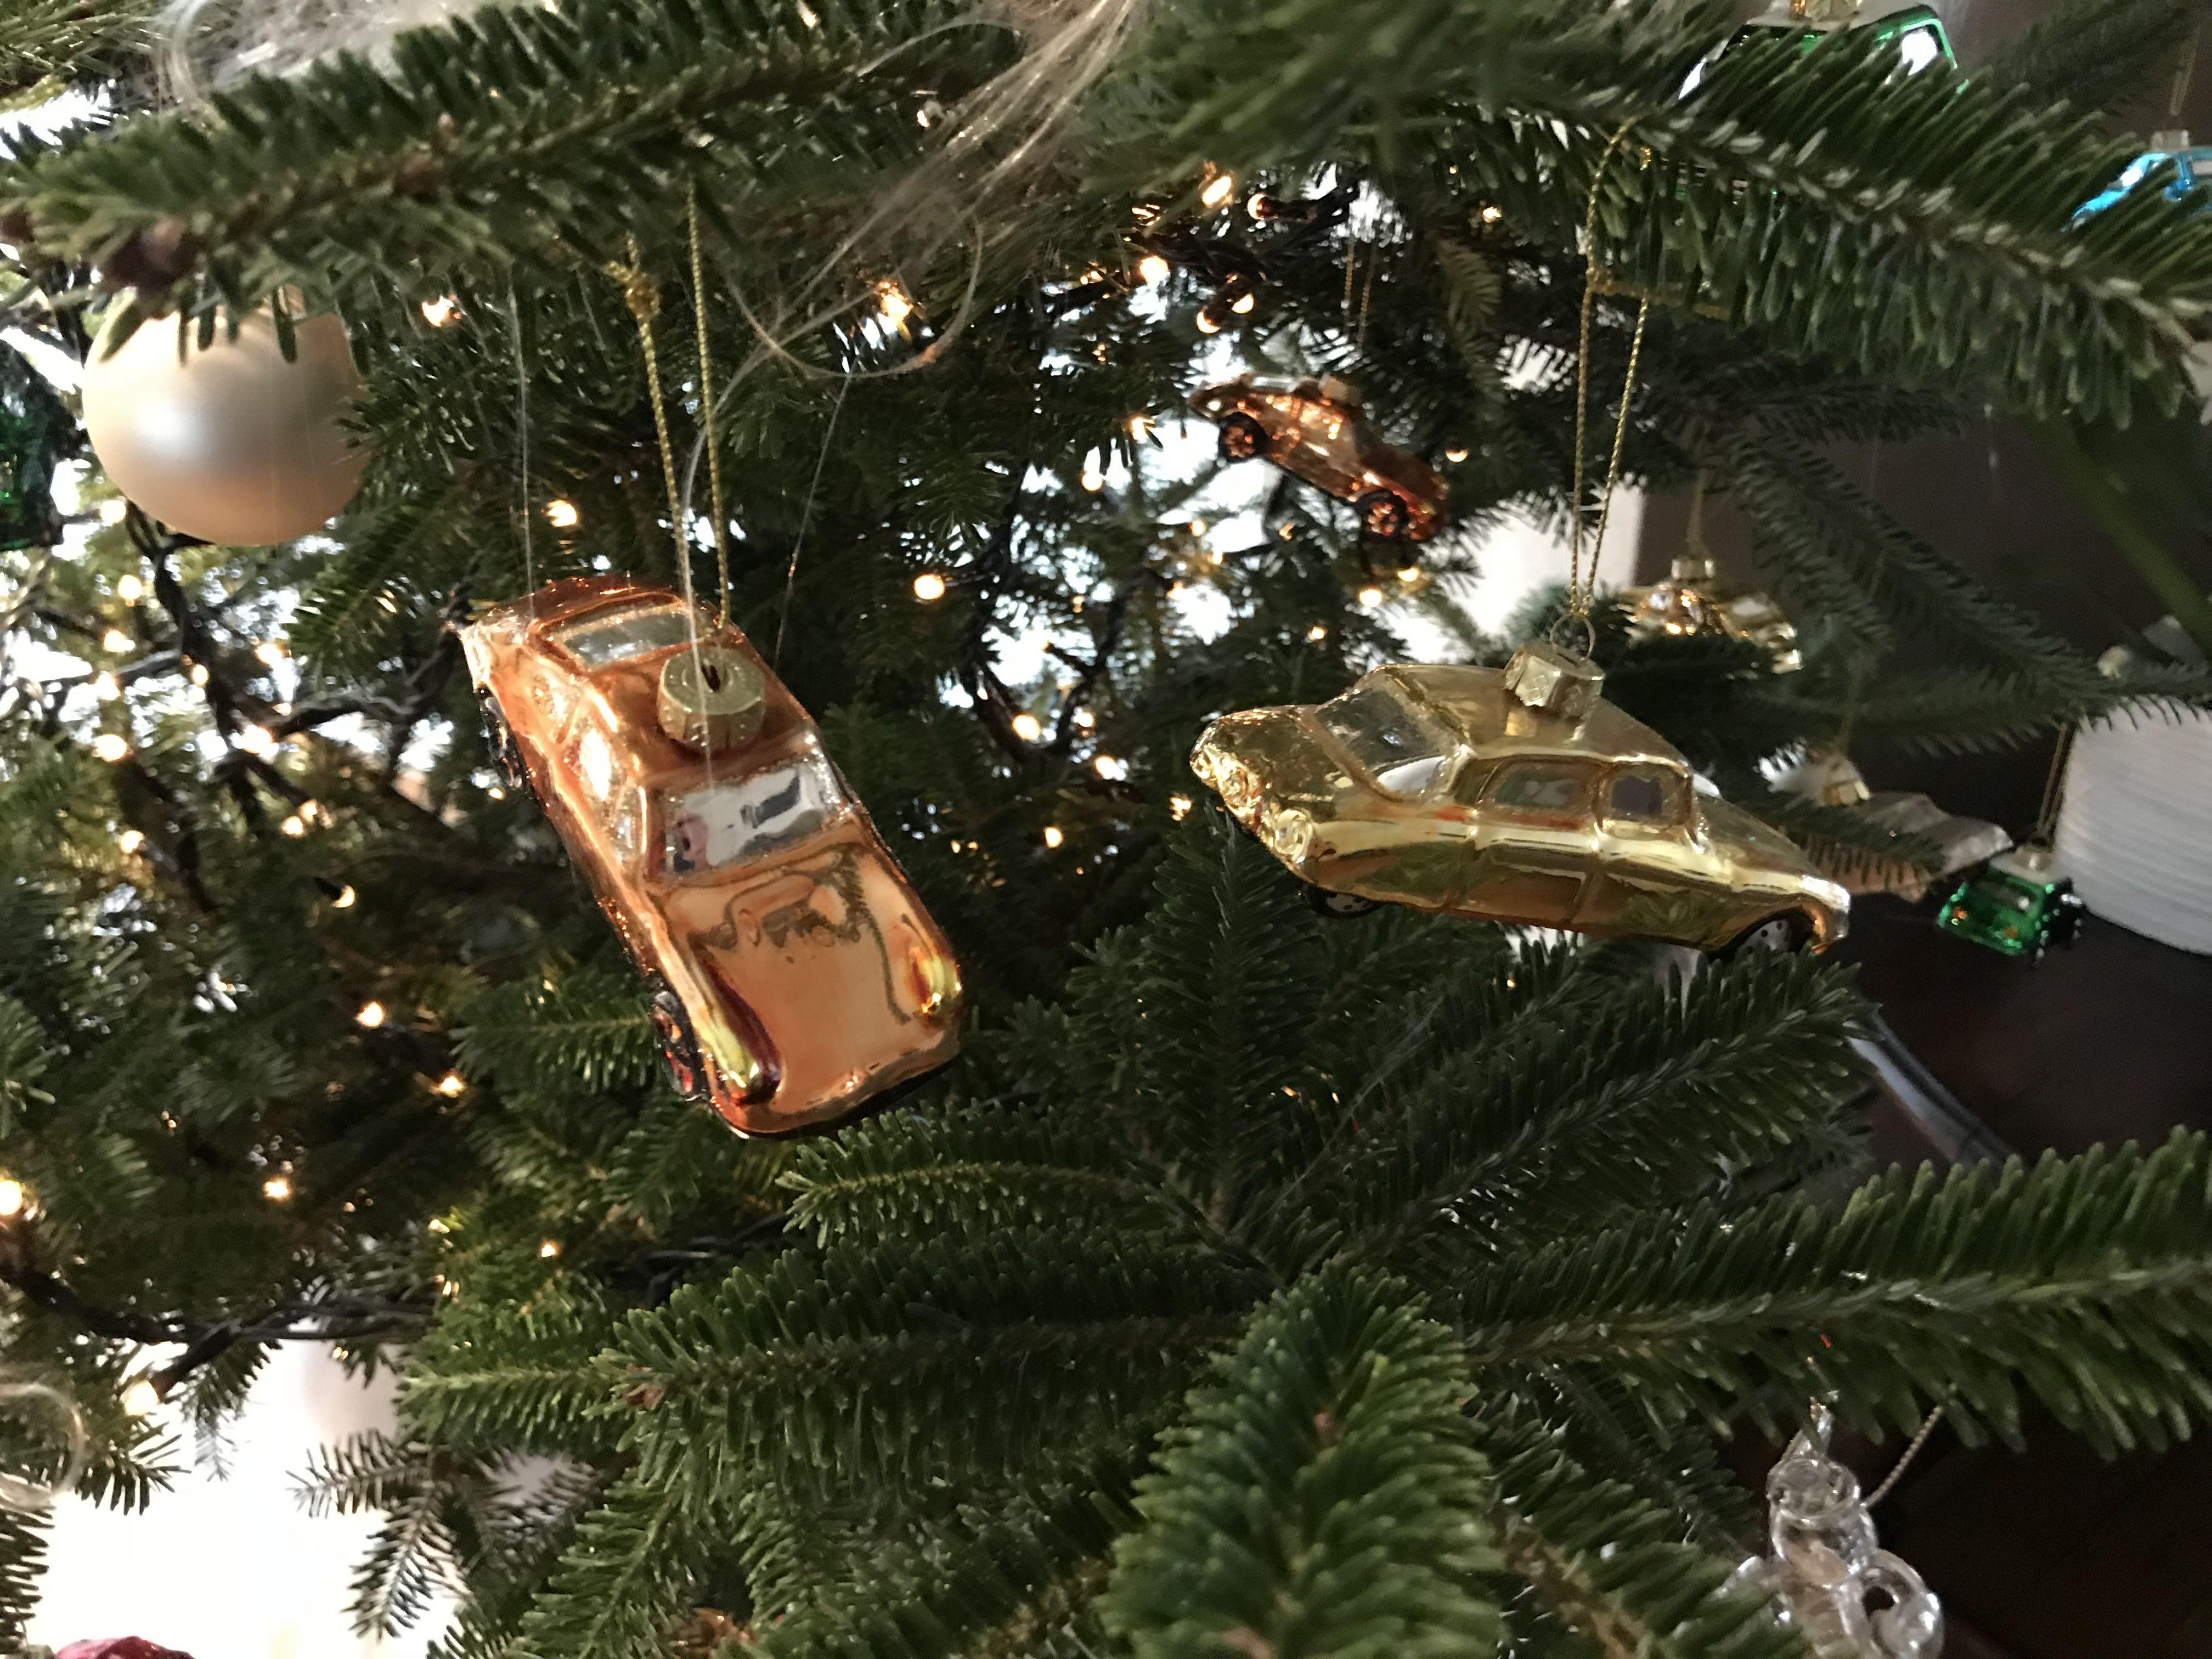 Pin van Jelle Demolder op Jingle cars Kerstballen, Oldtimers